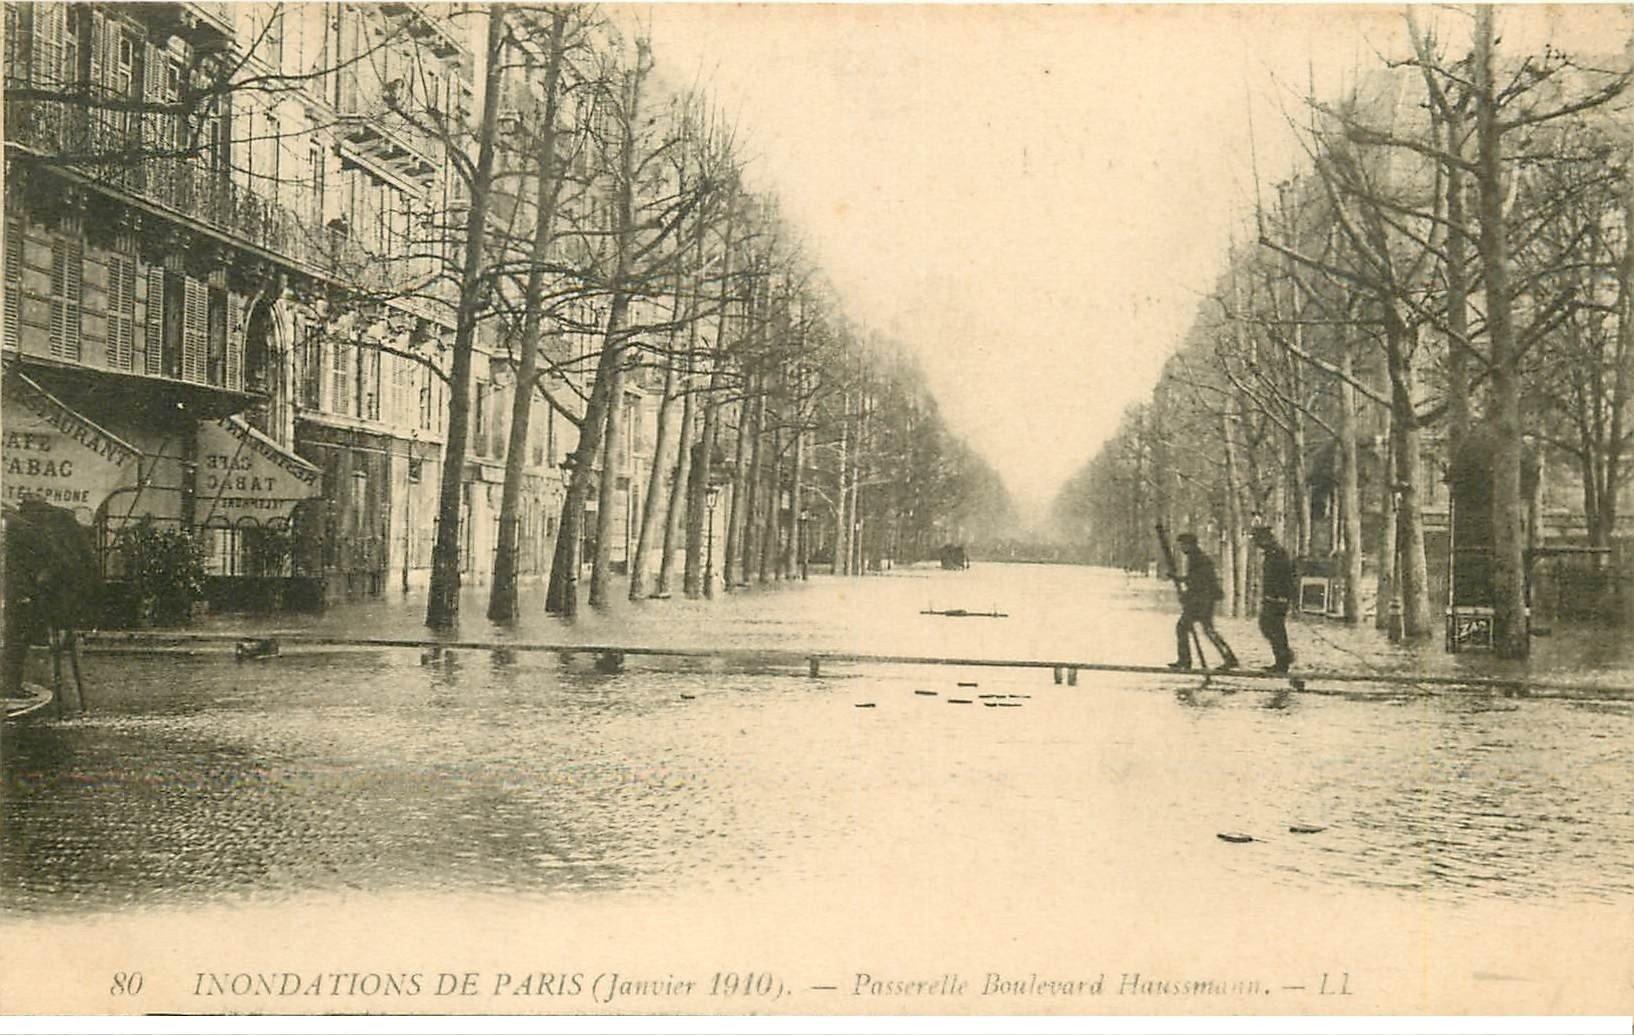 carte postale ancienne INONDATION ET CRUE DE PARIS 1910. Boulevard Haussmann passerelle